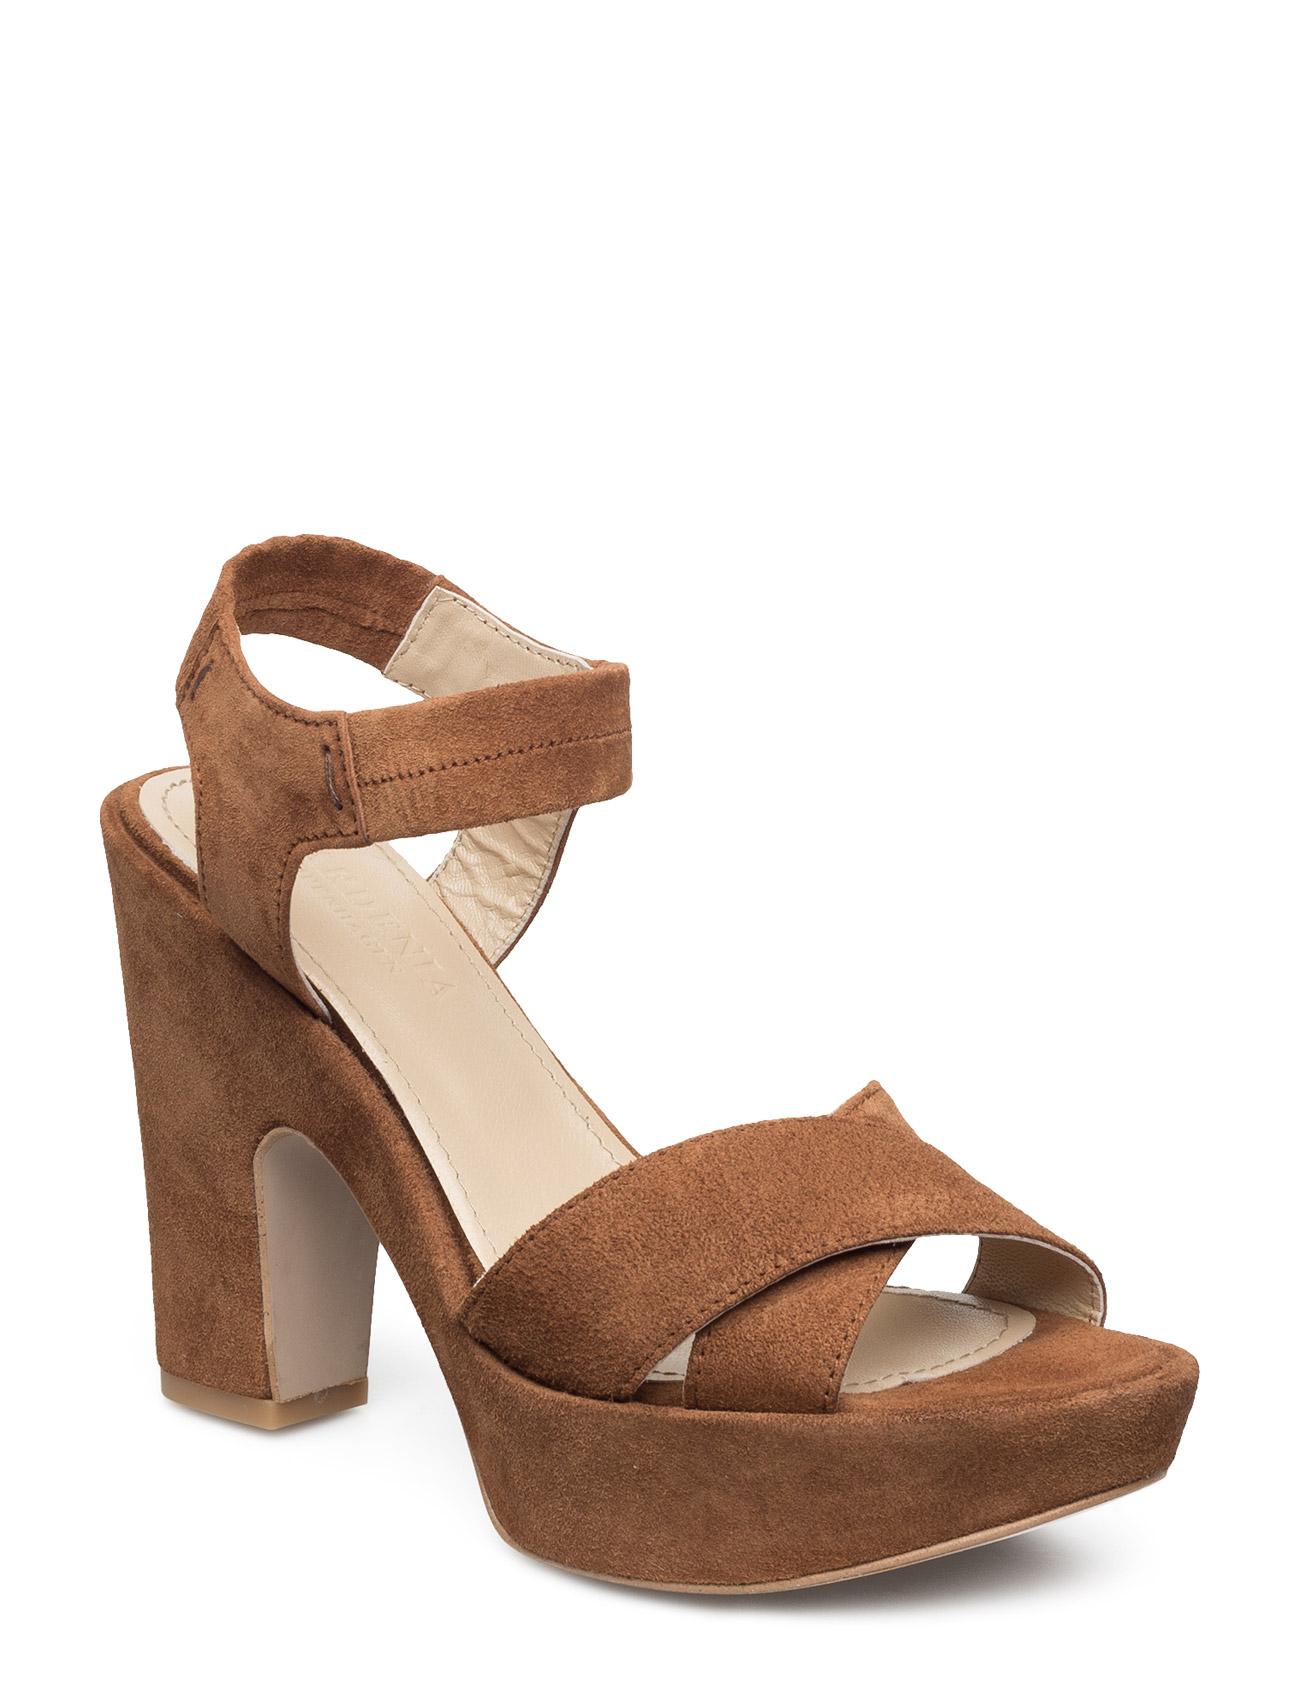 Sandal Gardenia Sandaler til Damer i